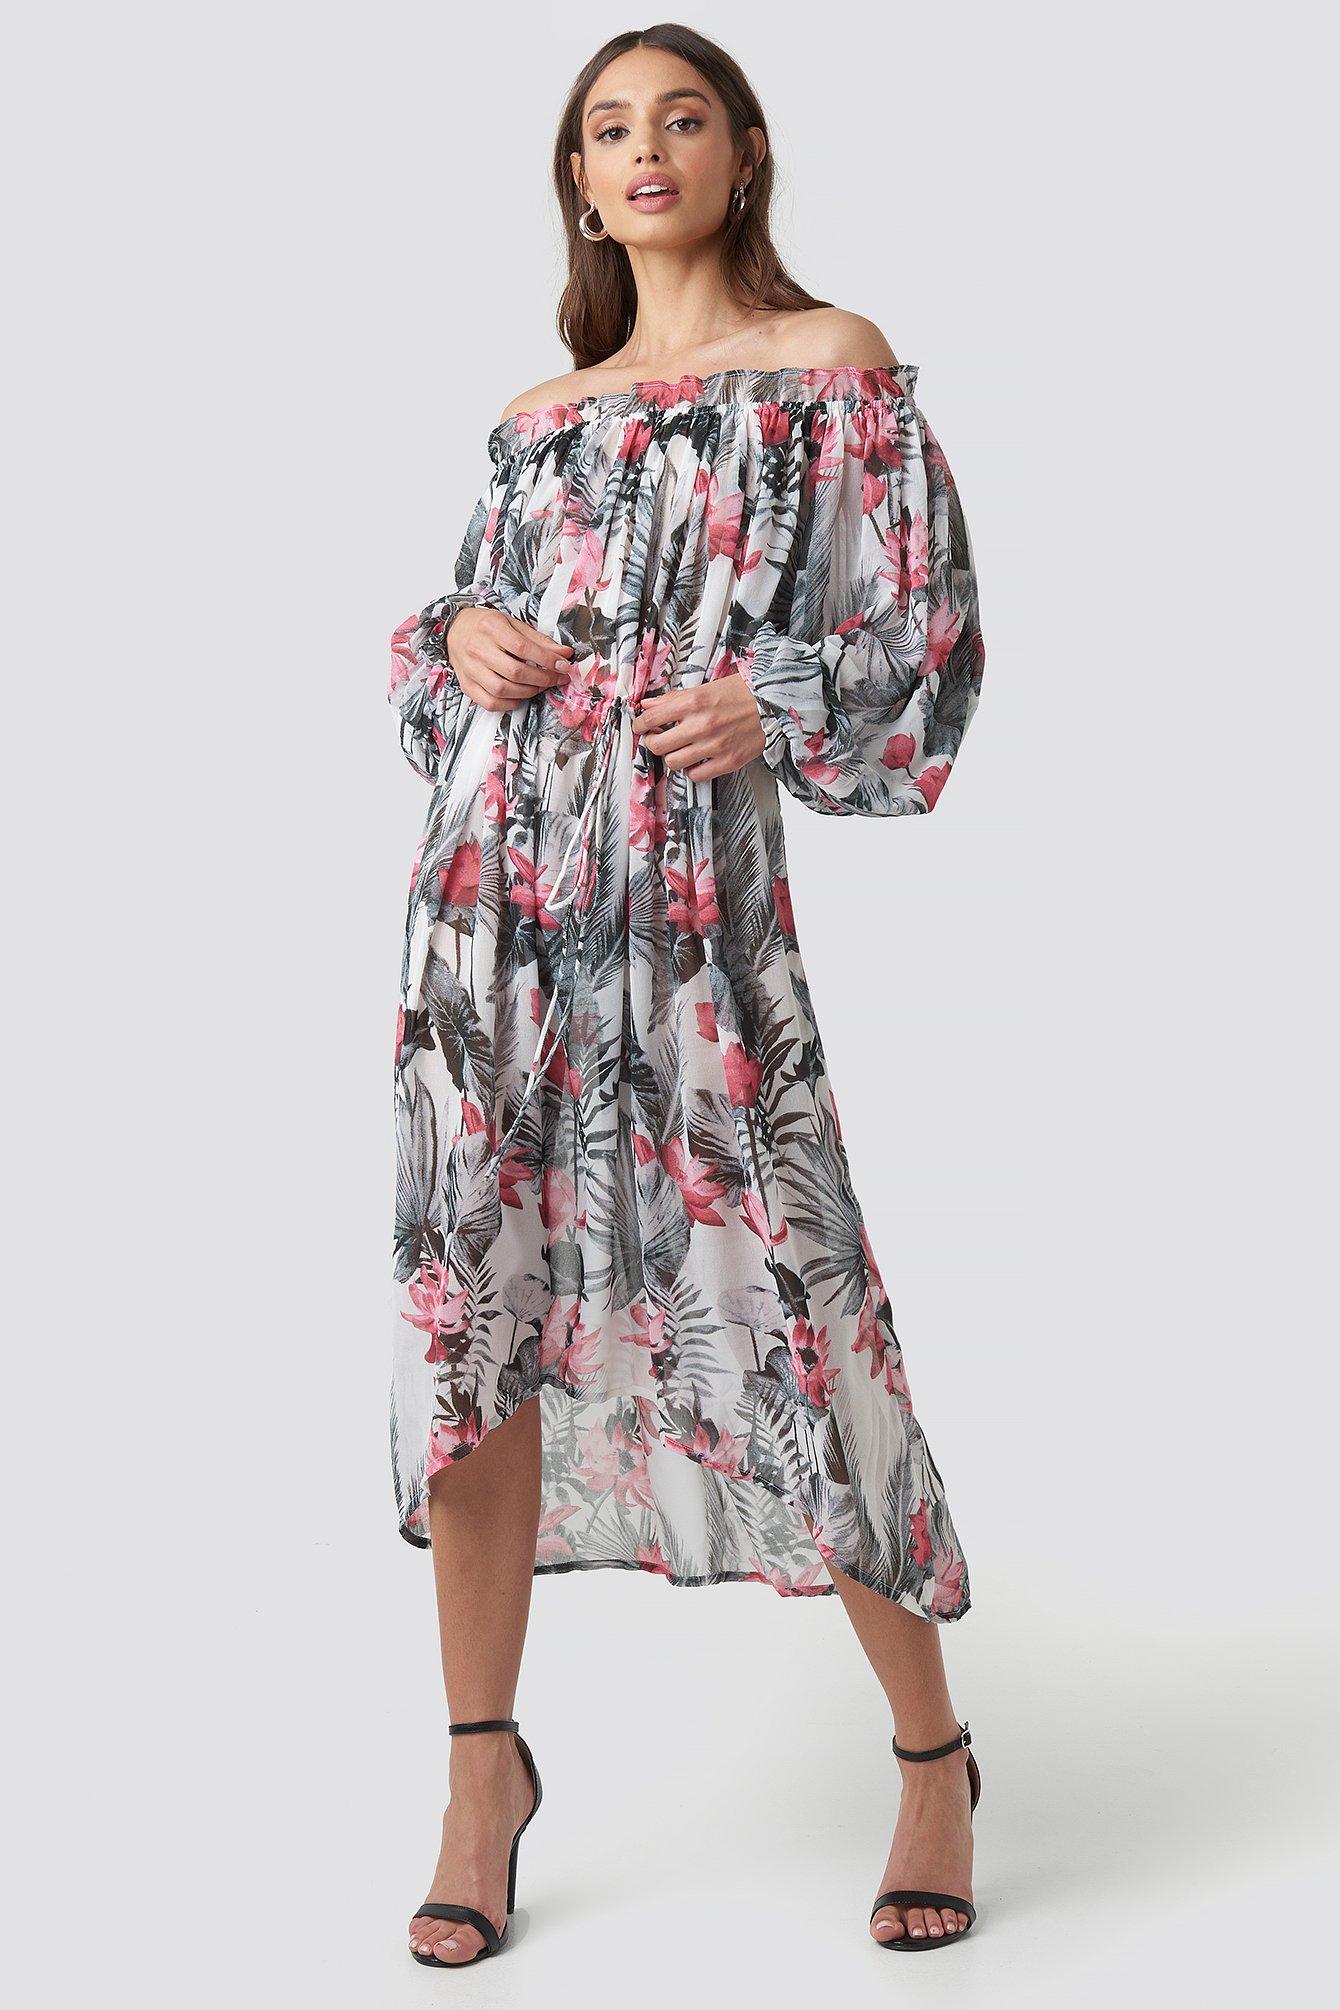 76ef53c8c3a Wide Sleeve Off Shoulder Ankle Dress Multicolor in Big Flower Print